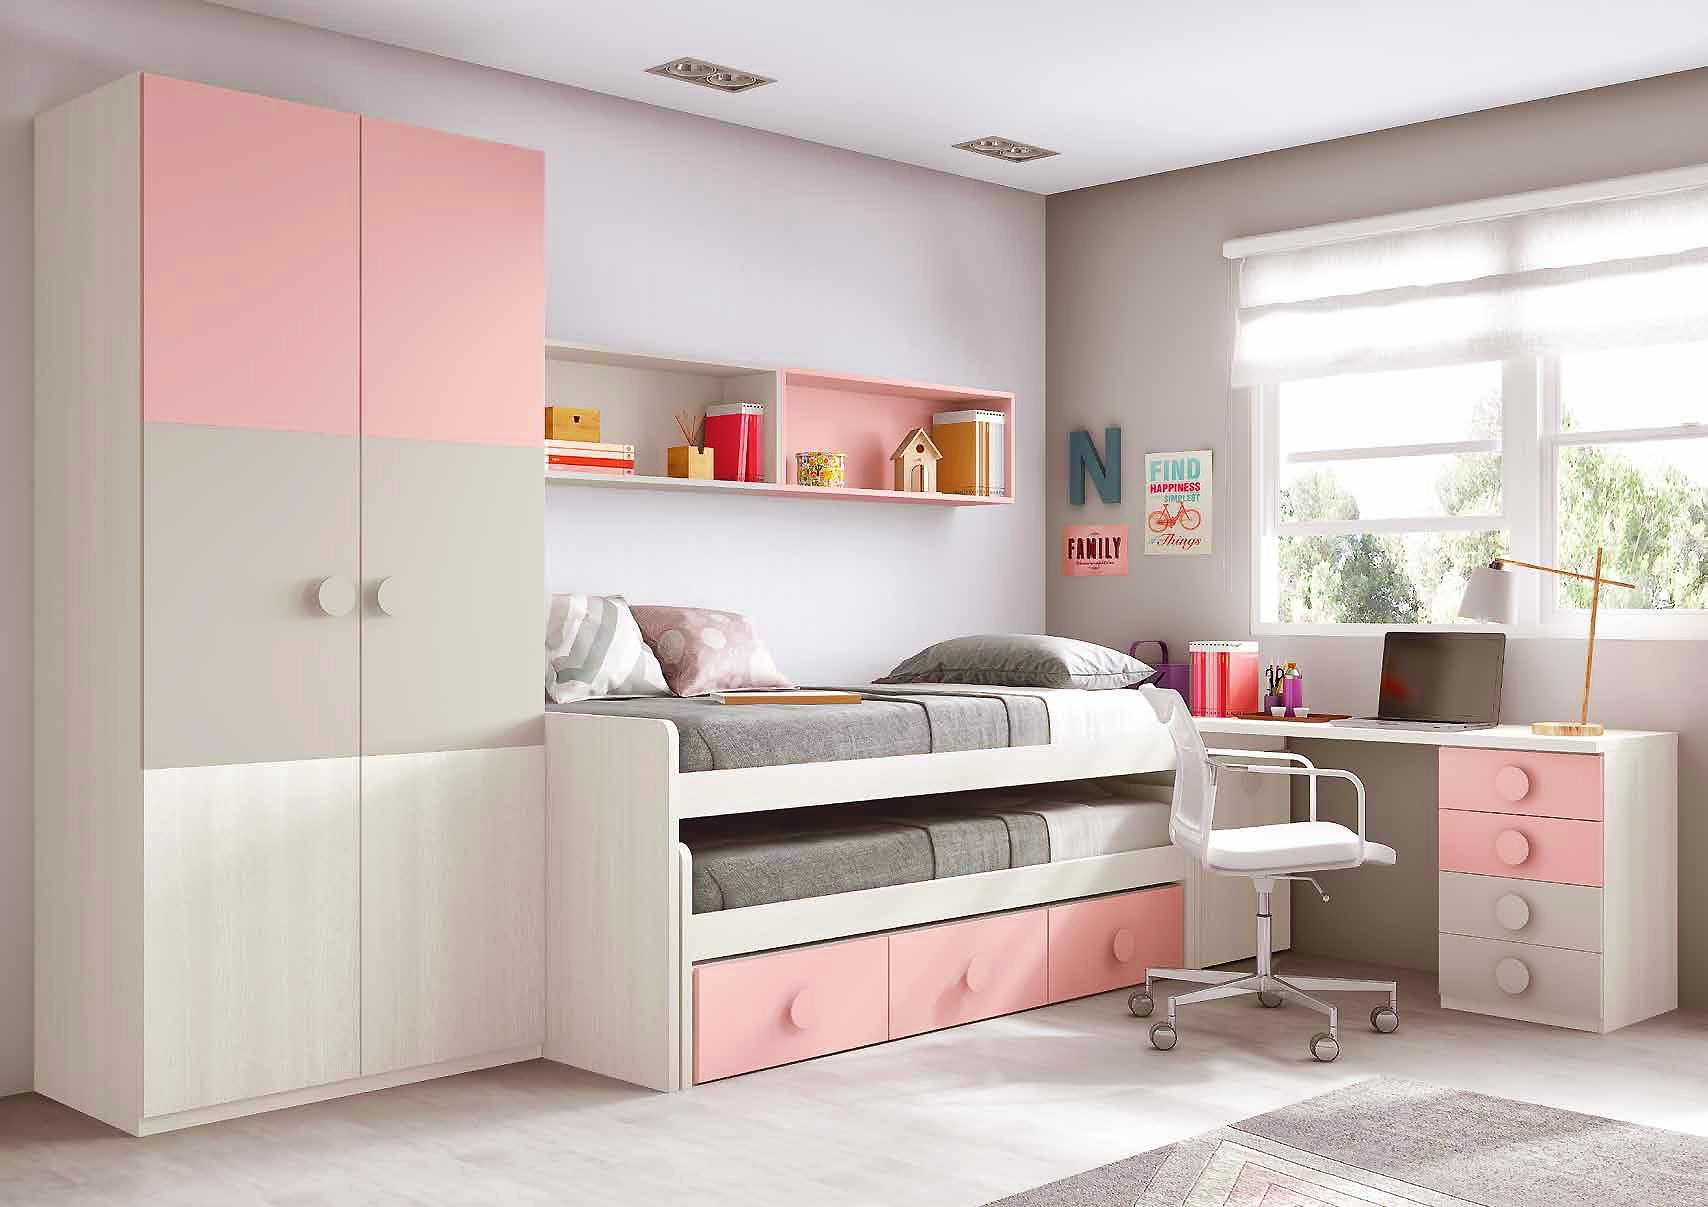 Chambre ado fille astucieuse avec son lit gigogne - Chambre d enfant fille ...